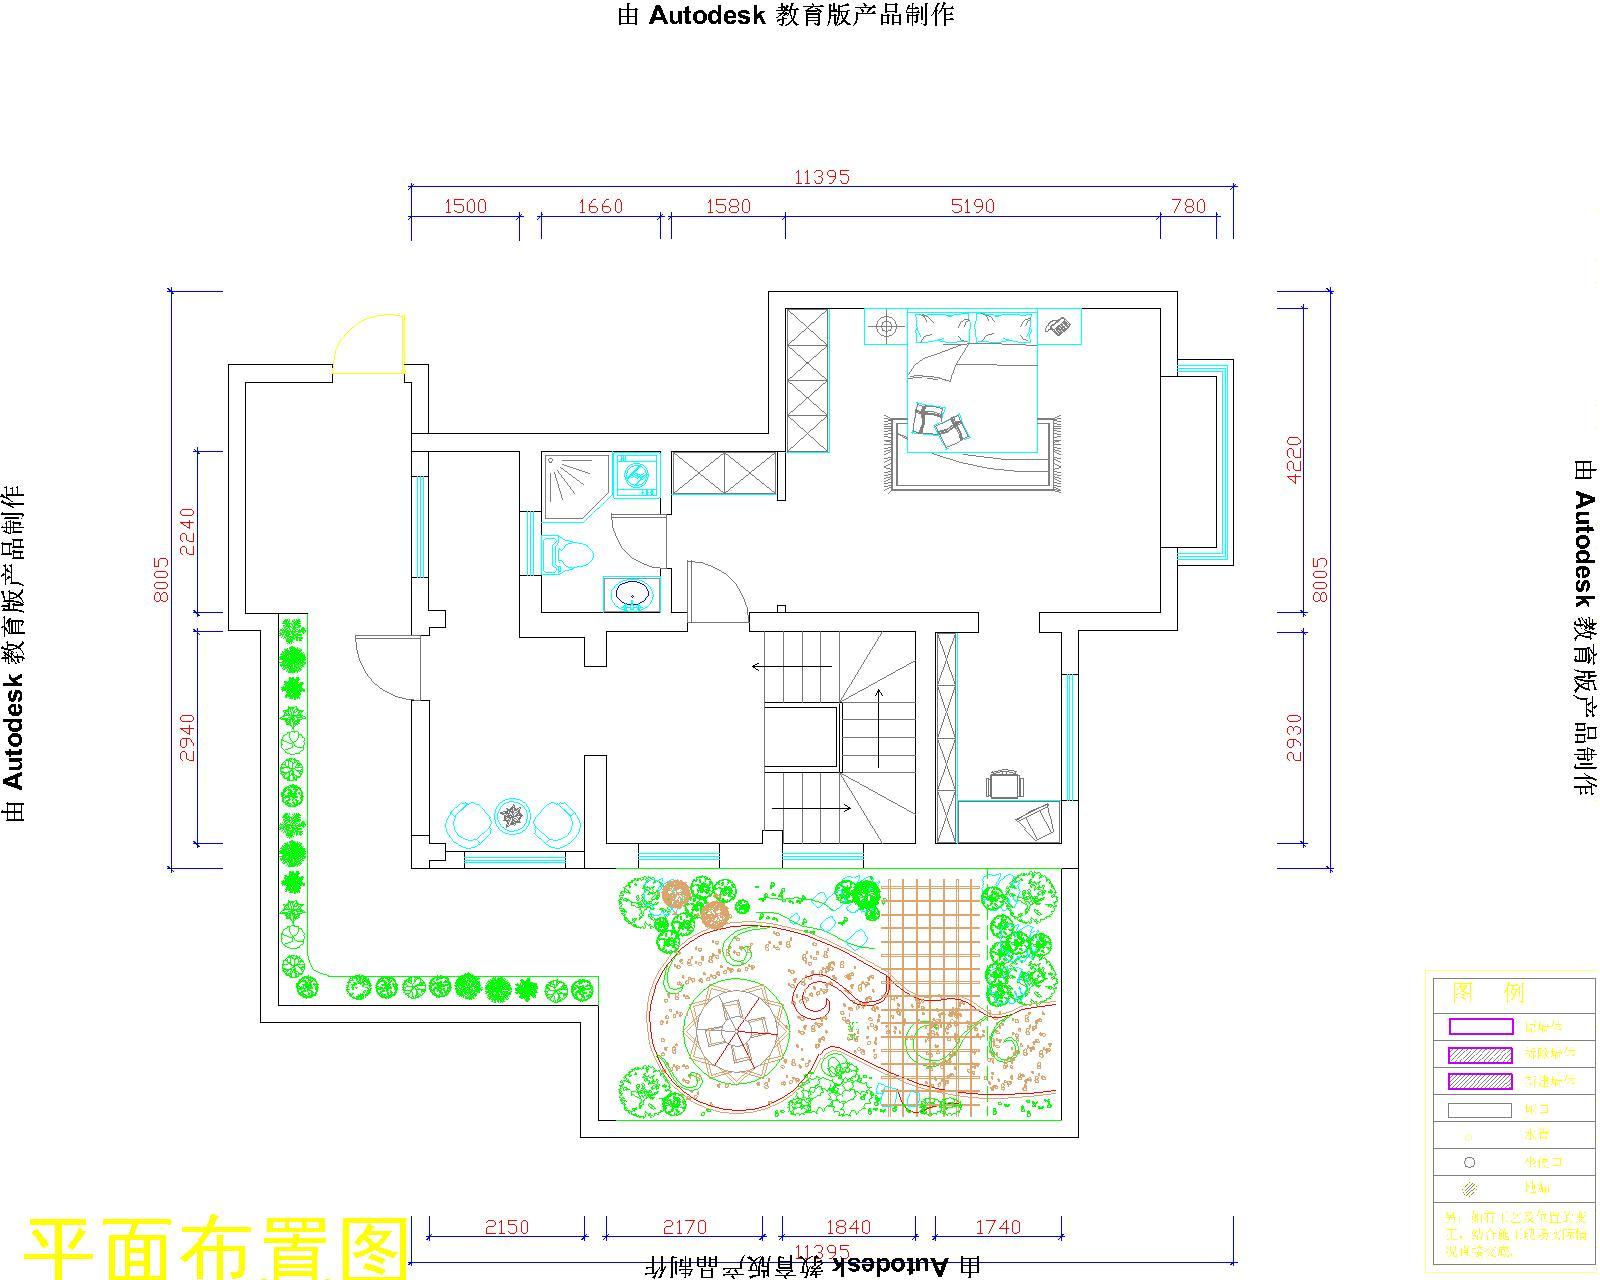 装修设计 兰州装修 黄河家园案 效果图 业之峰装修 户型图图片来自兰州业之峰装饰公司在黄河家园设计案例的分享